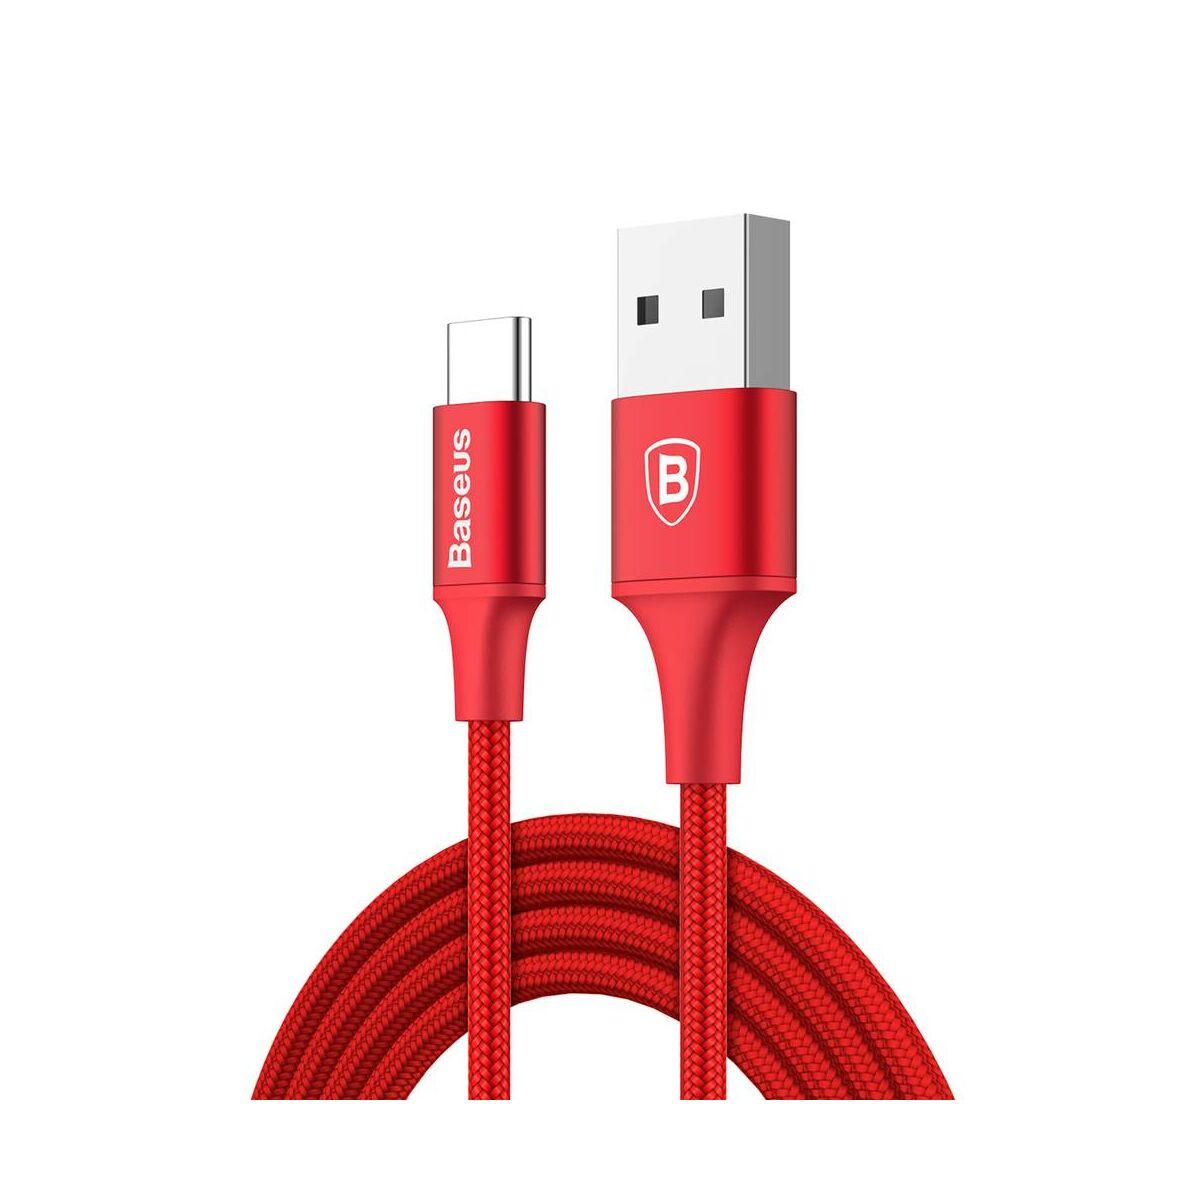 Baseus Type-C kábel, Rapid series, töltés állapot LED visszajajelzős 2A, 1m, piros (CATSU-B09)